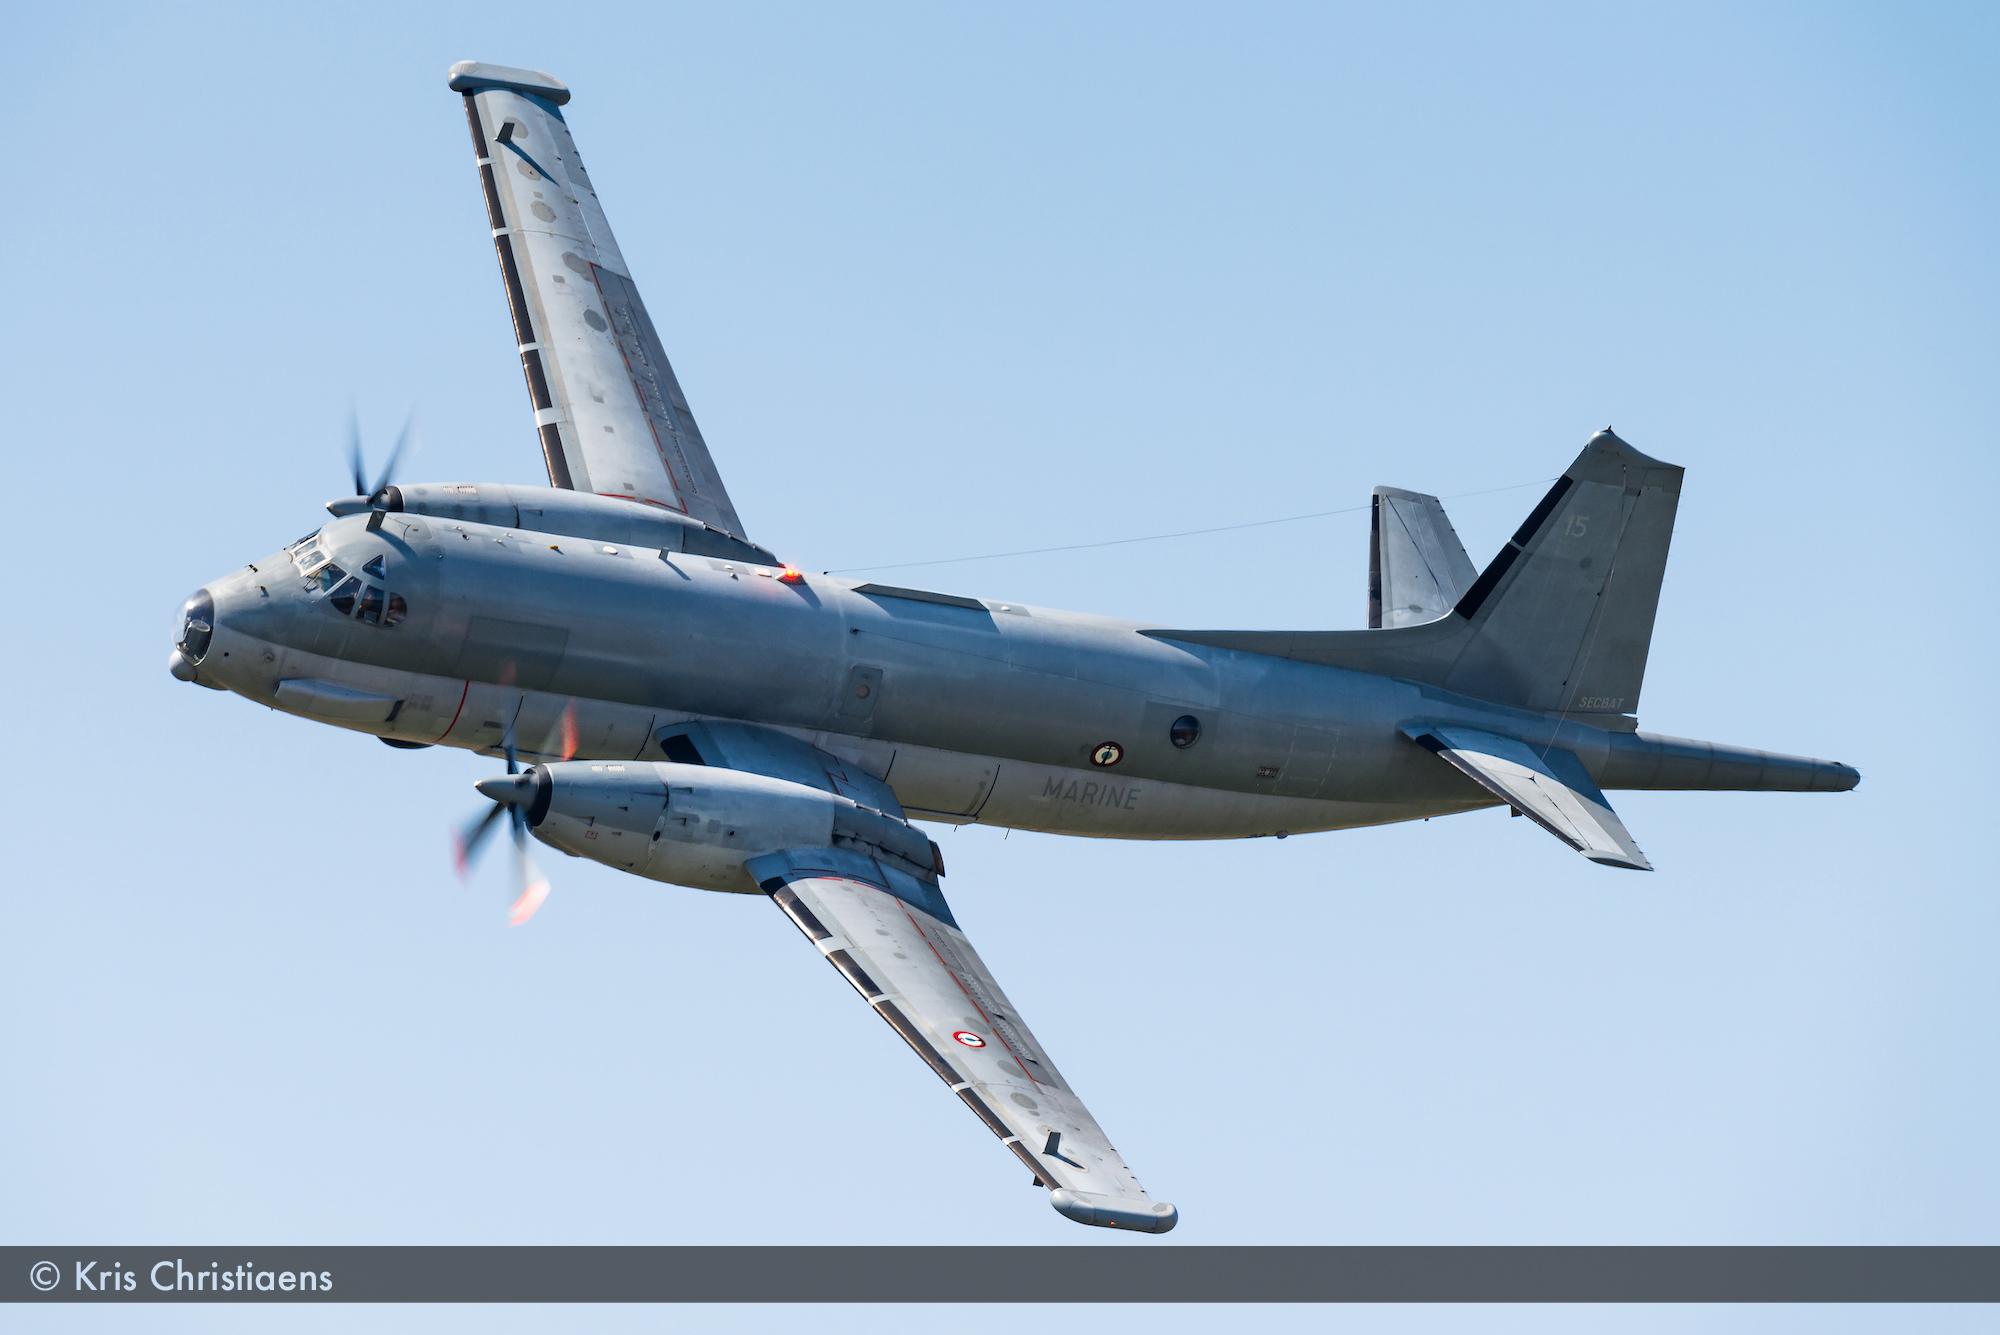 Bréguet 1150 Atlantic II